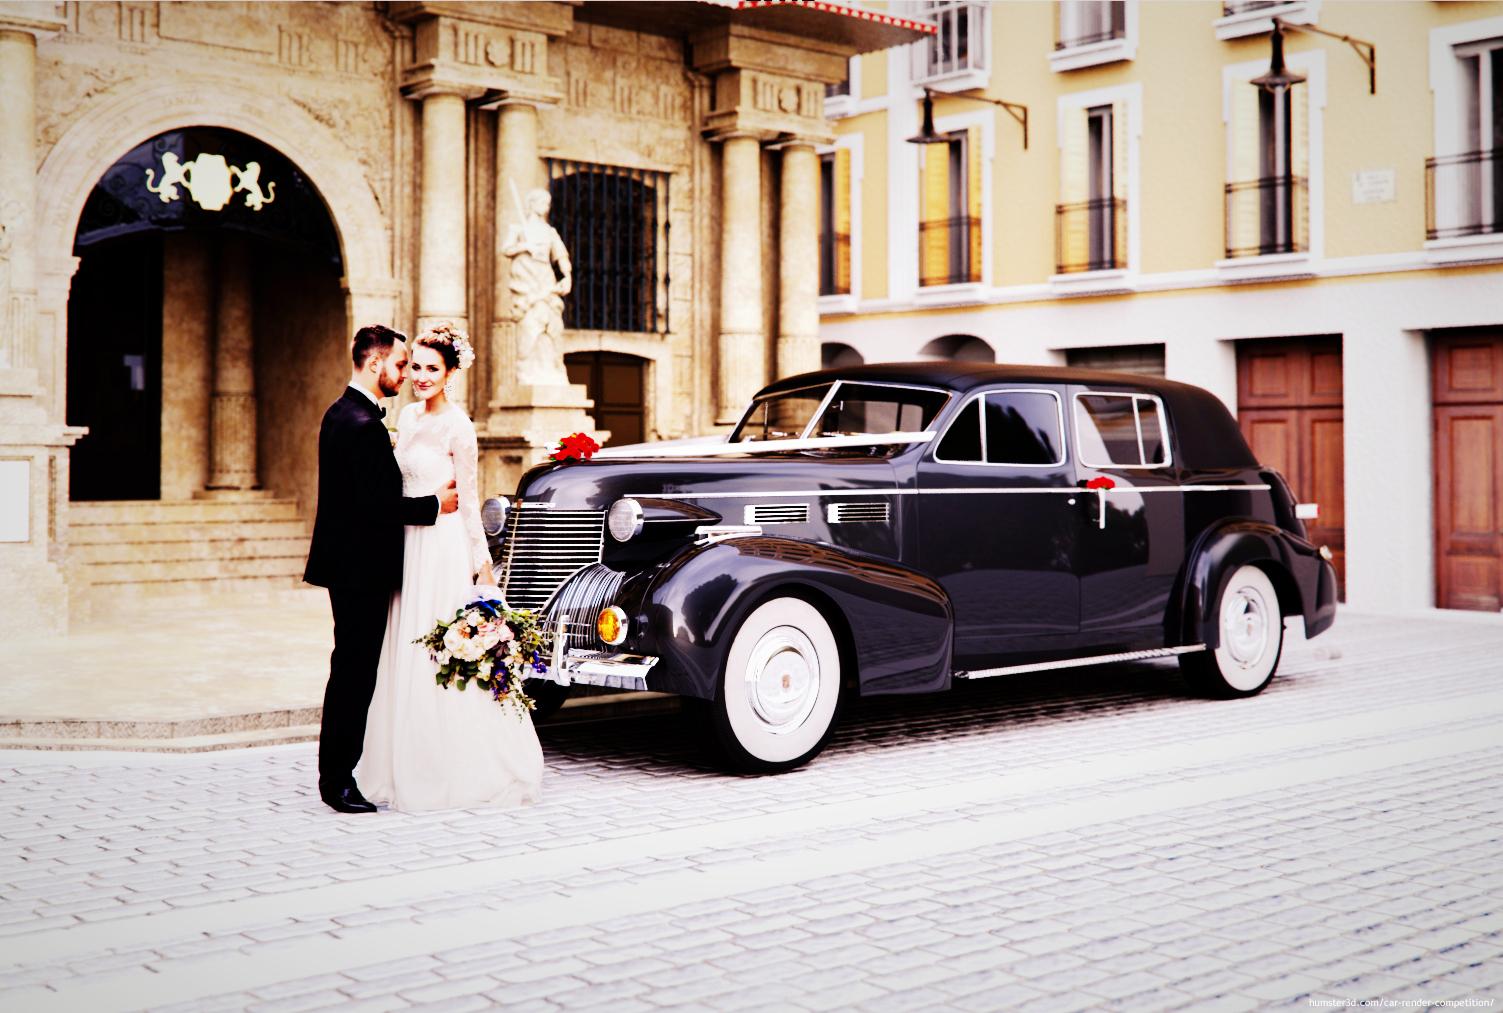 A classic wedding car 3d art